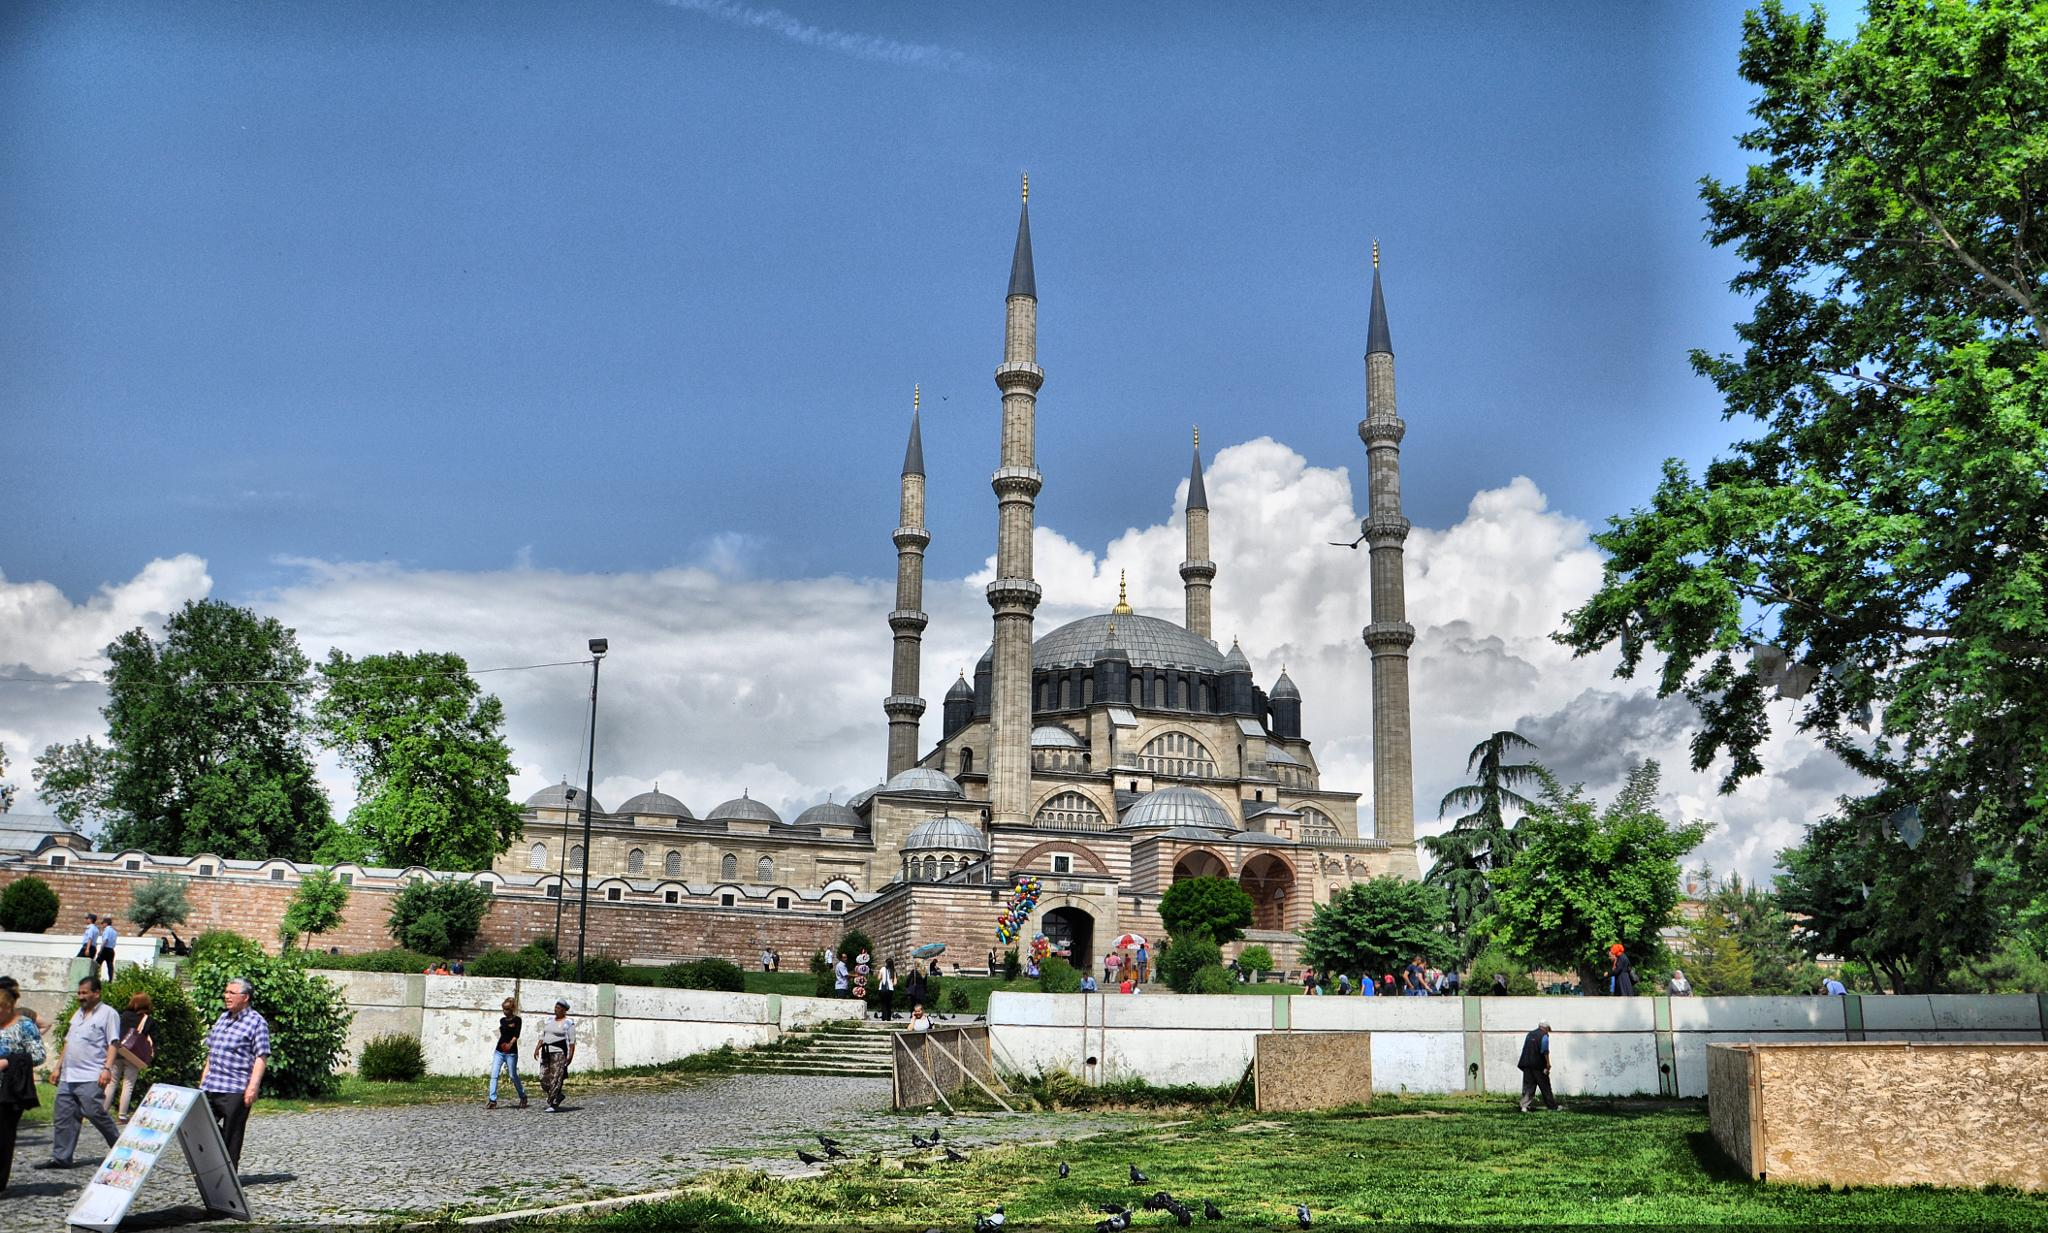 selimiye camii--Edirne by zekeriya yuksel